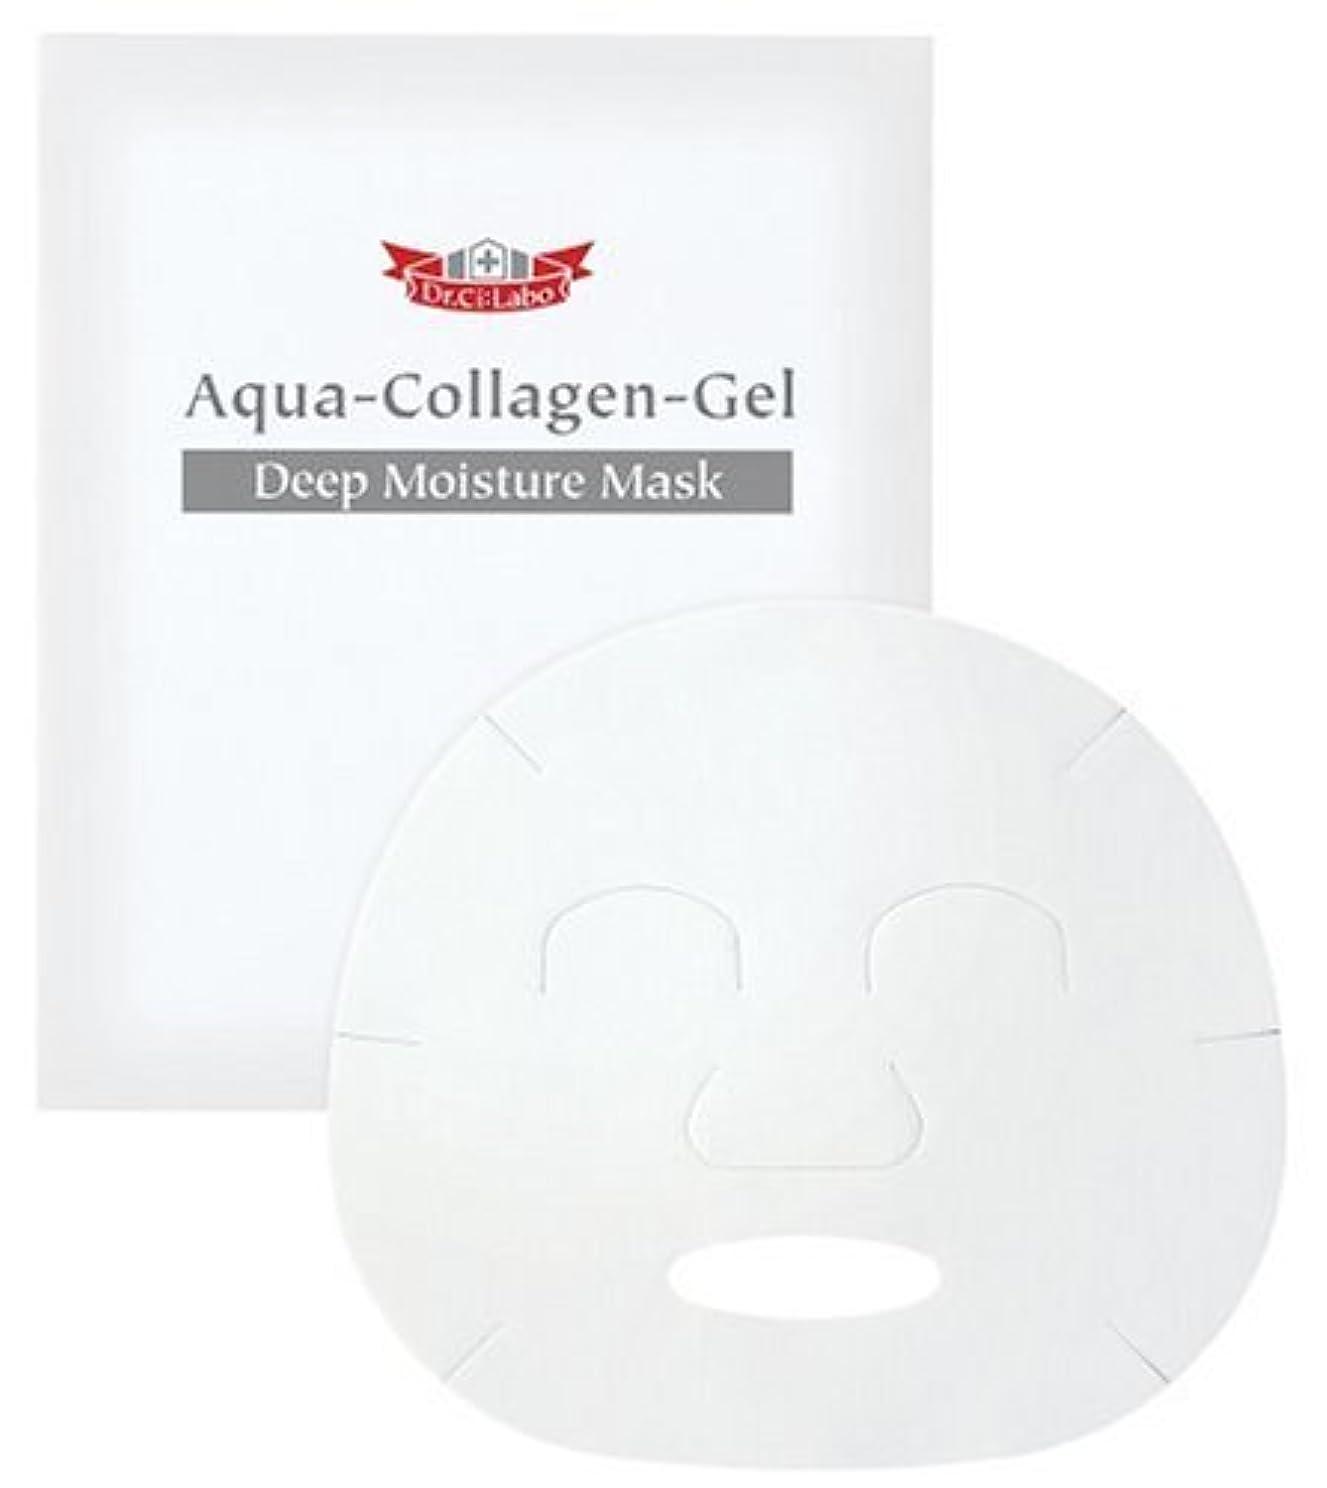 プレゼント試み気難しいドクターシーラボ アクアコラーゲンゲル ディープモイスチャー マスク  5枚入り